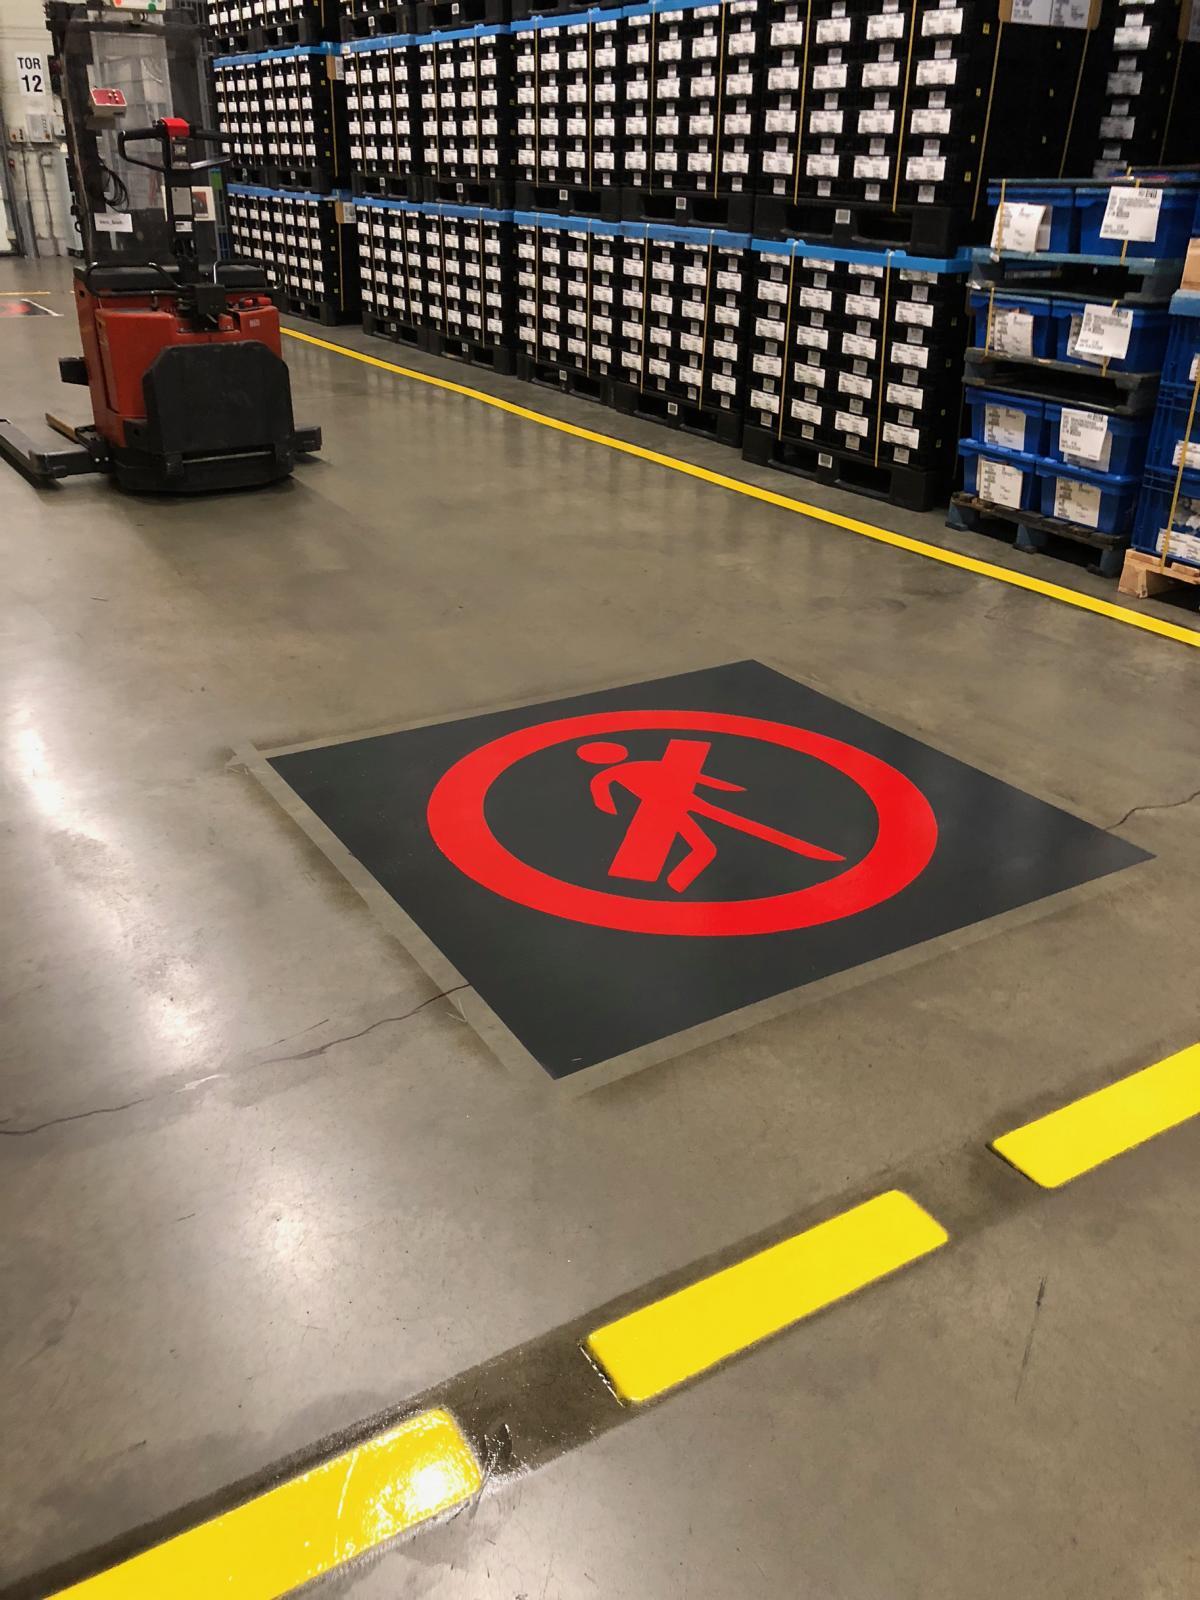 Markierung eines Fußgängerverbots in einer Logistikhalle